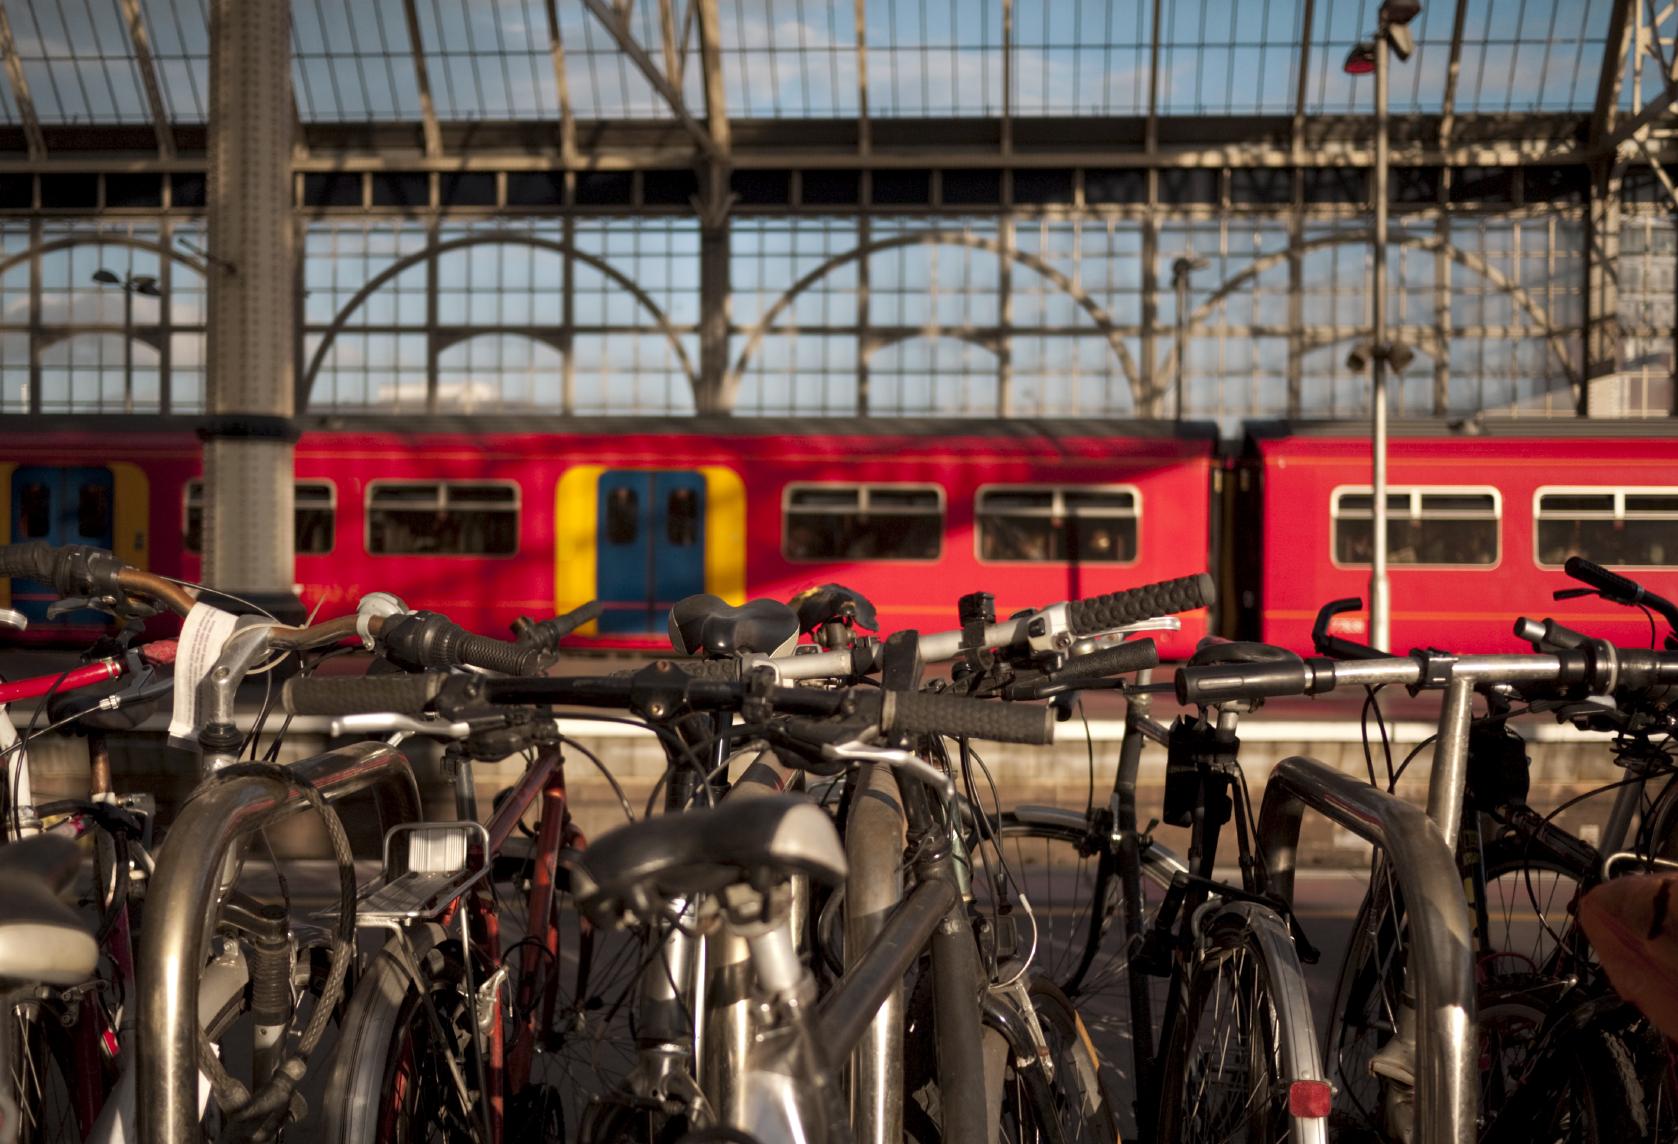 Bikes at station